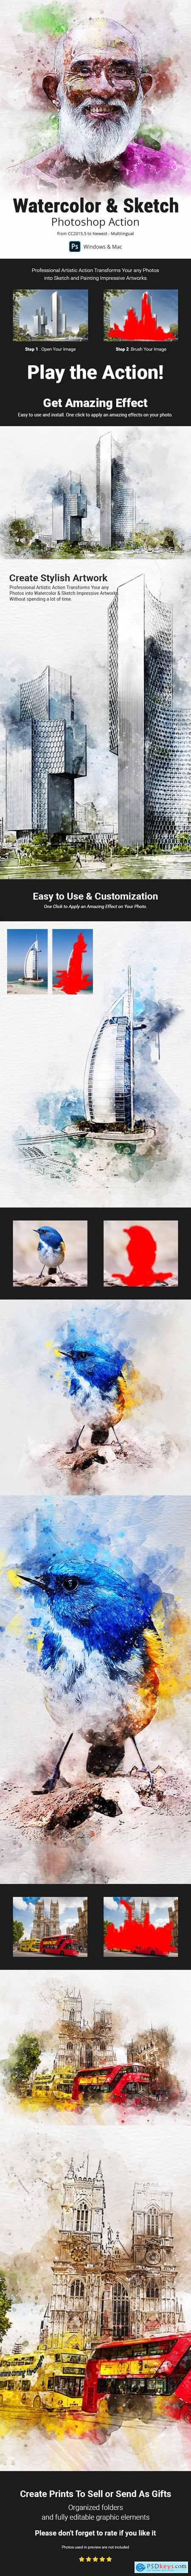 Watercolor & Sketch Photoshop Action 31151841